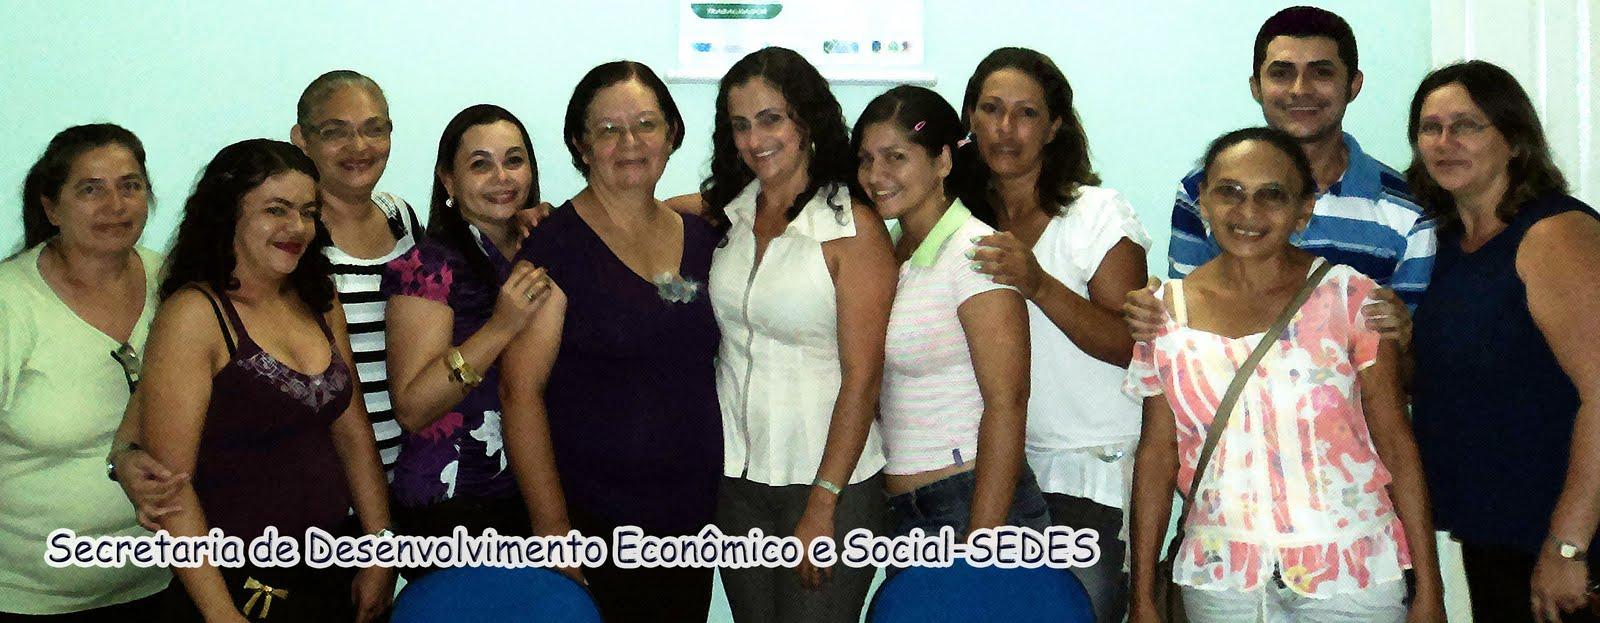 Secretaria de Desenvolvimento Econômico e Social